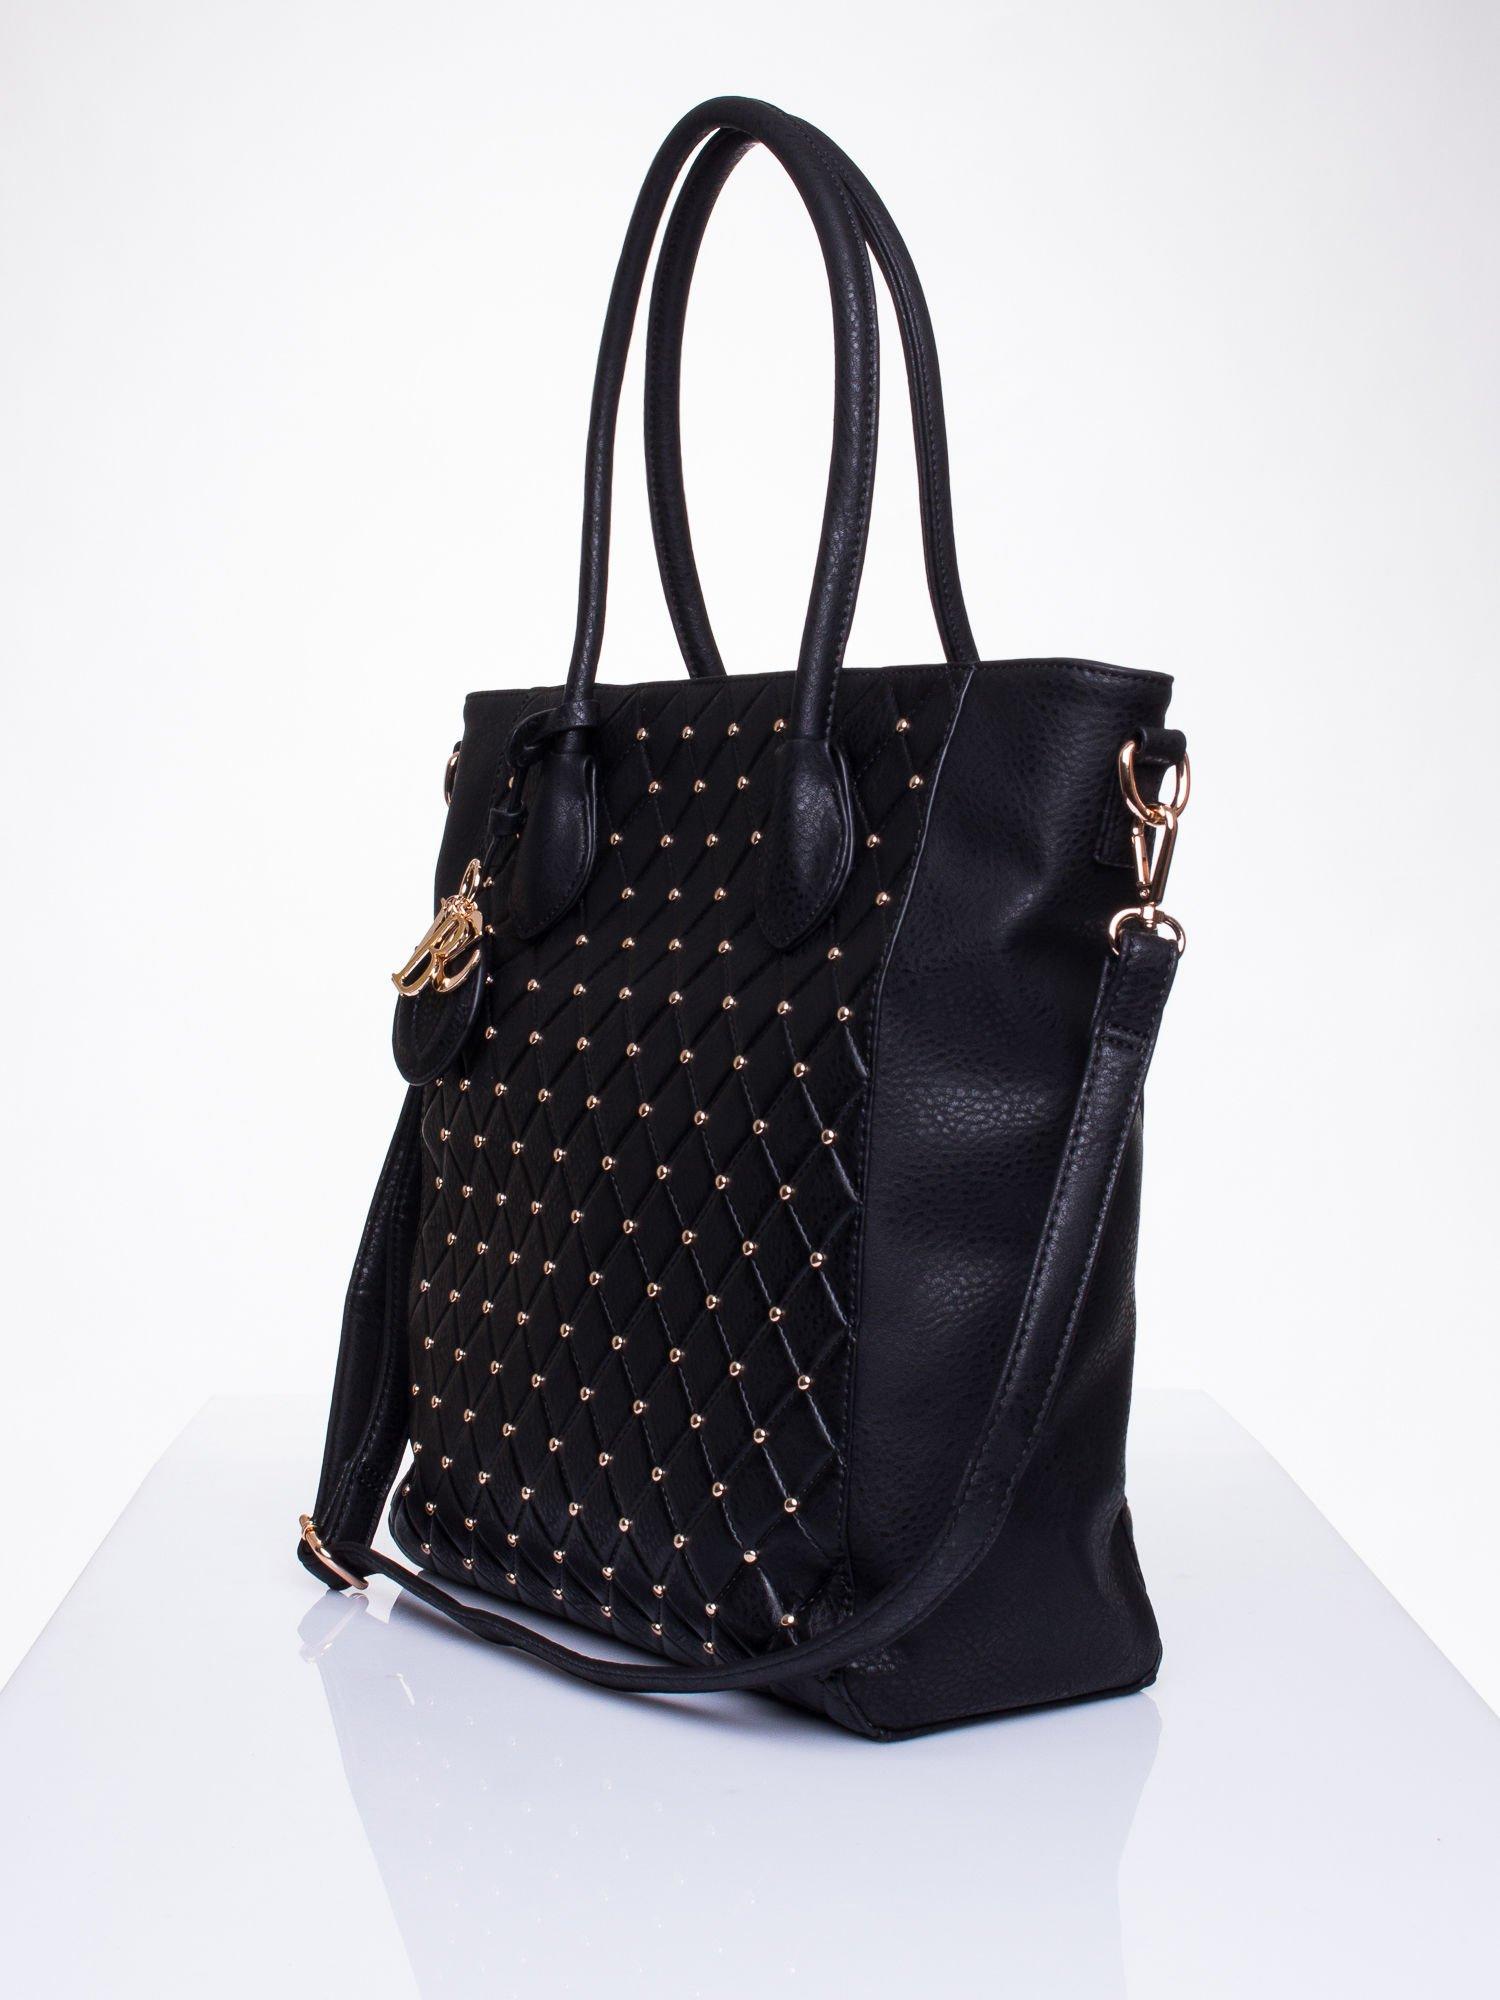 Czarna torebka z pikowaniem i dżetami                                  zdj.                                  3